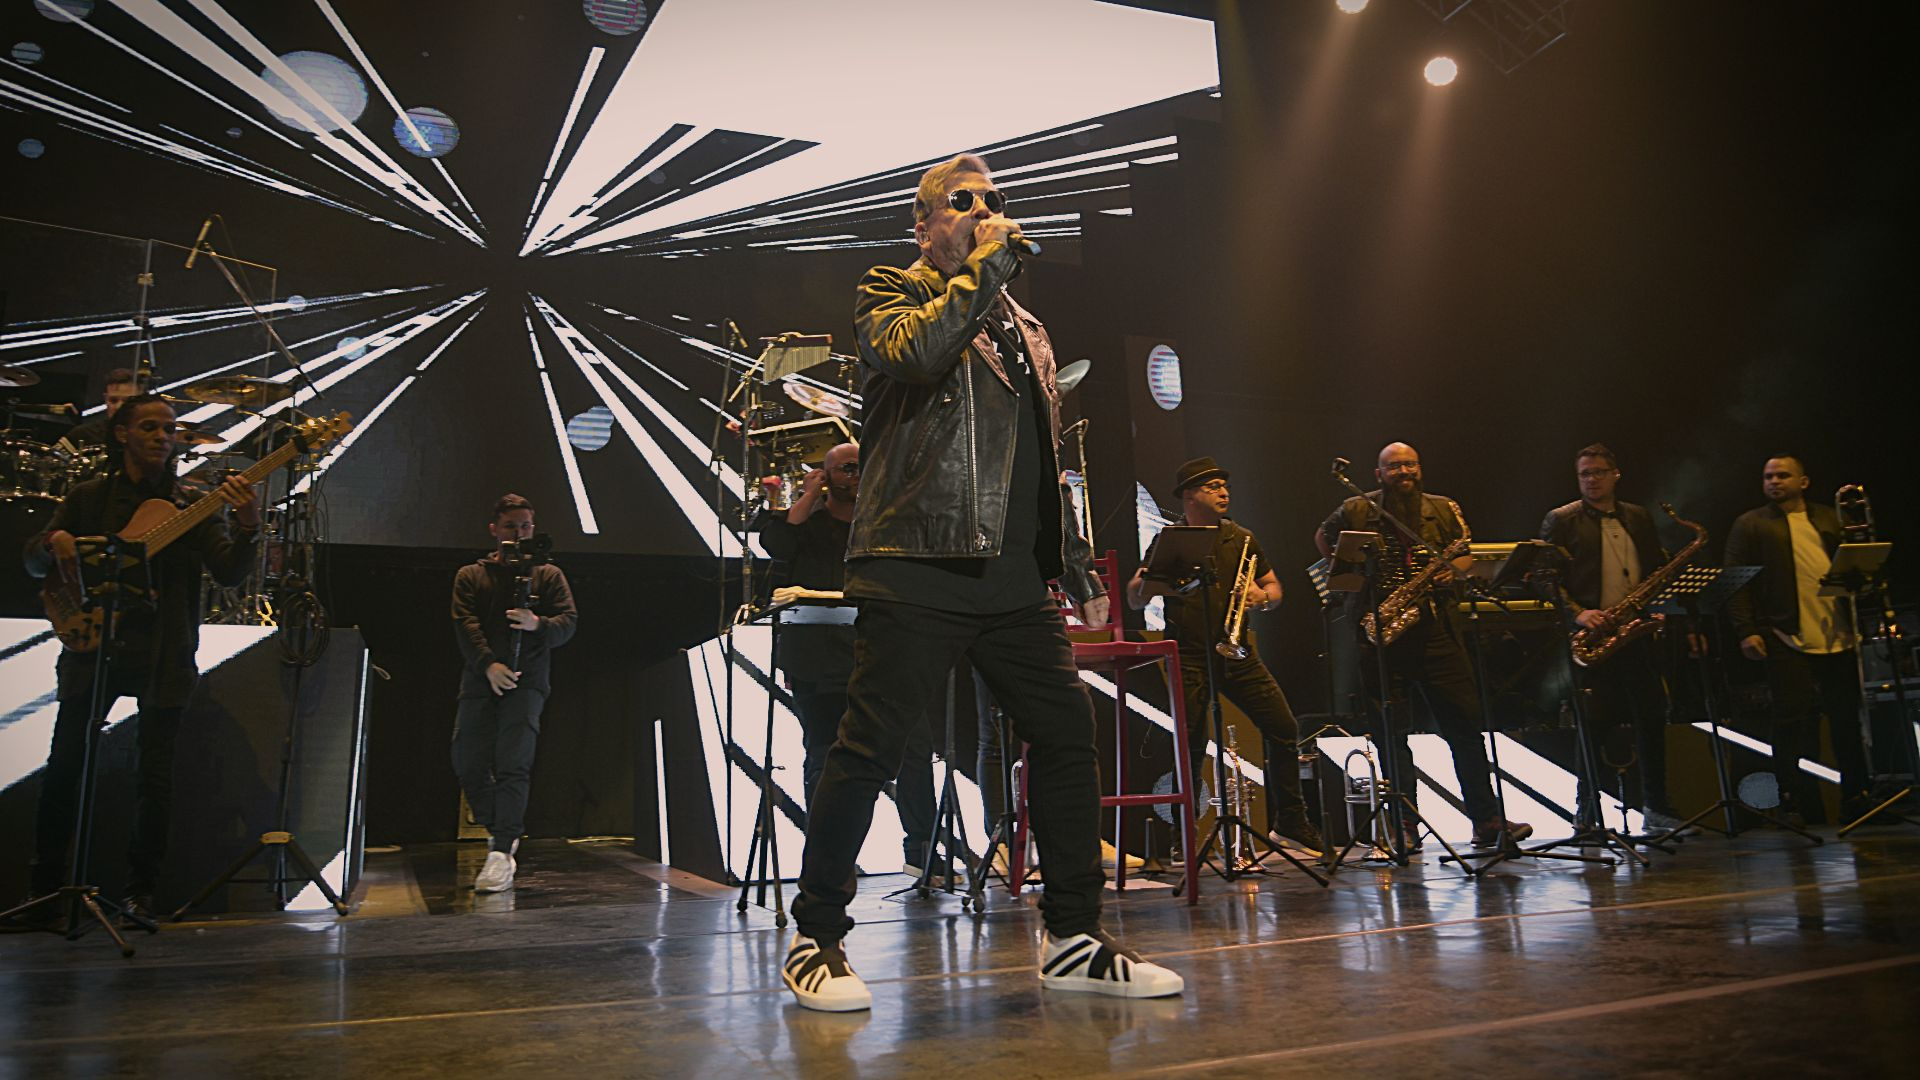 Ricardo Montaner este viernes, en un nuevo recital en el Luna Park. Se trató de un show de gran despliegue escénico, con 15 músicosy, también, momentos muy íntimos (Foto: Gustavo Gavotti)